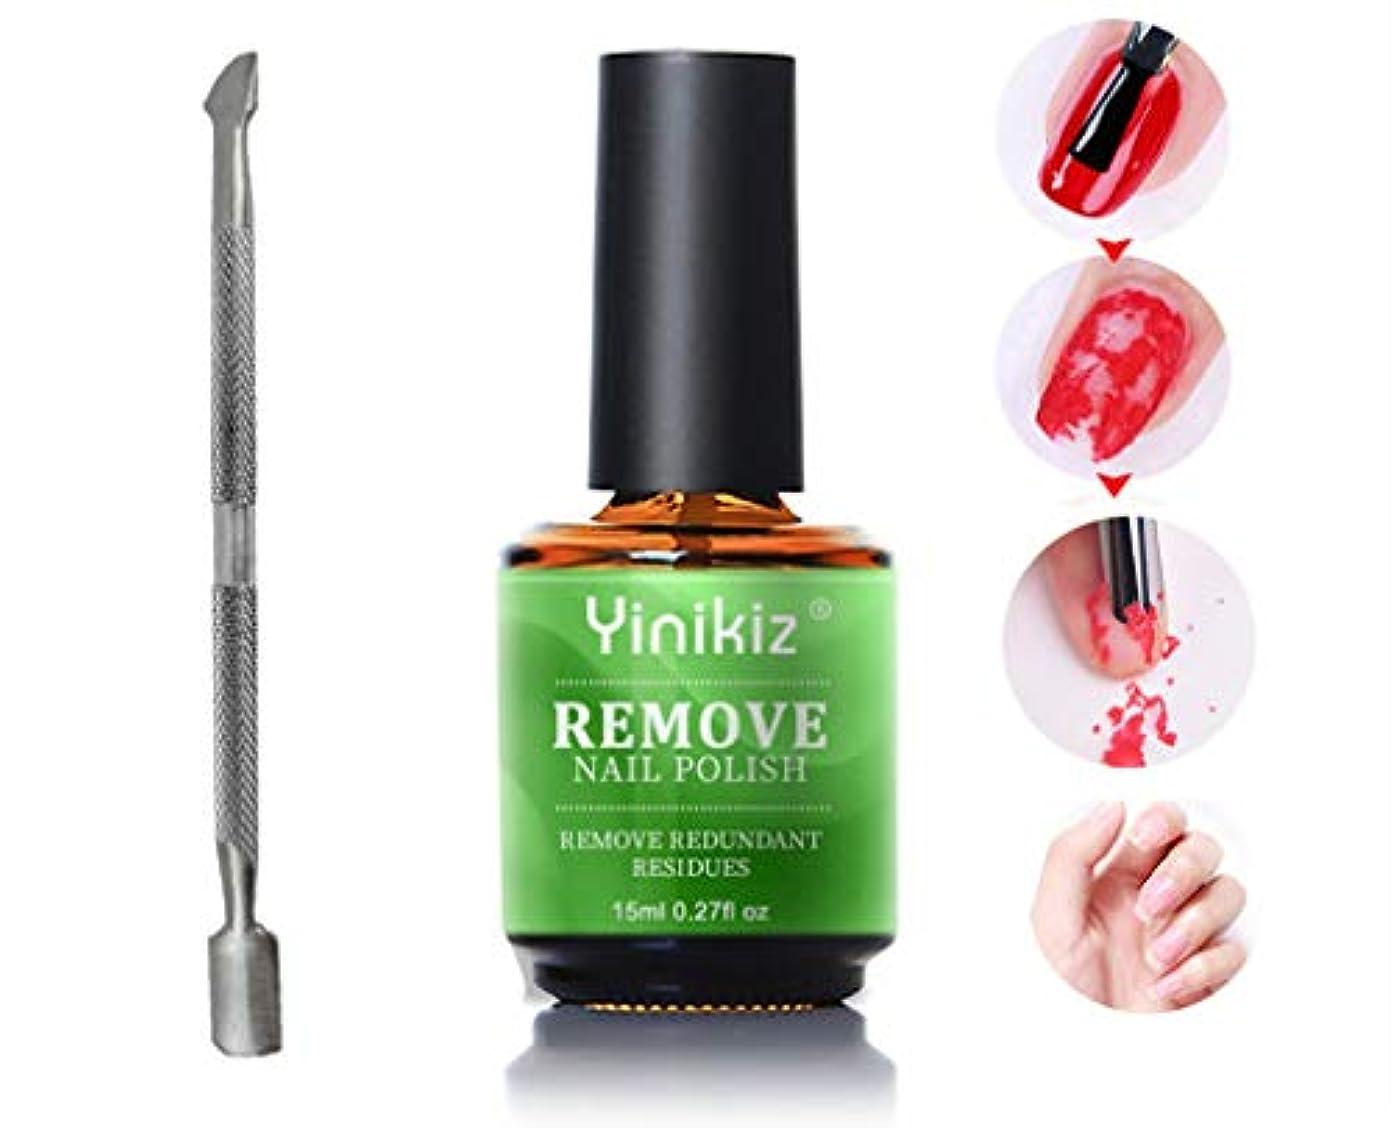 工夫する活力さらに[Yinikiz] 15ml高速破裂装甲除去剤除去剤は、マニキュアクリーナーを刺激することなくシンプルで便利です (15mlネイルポリッシュ+スモールスチールプッシュ)